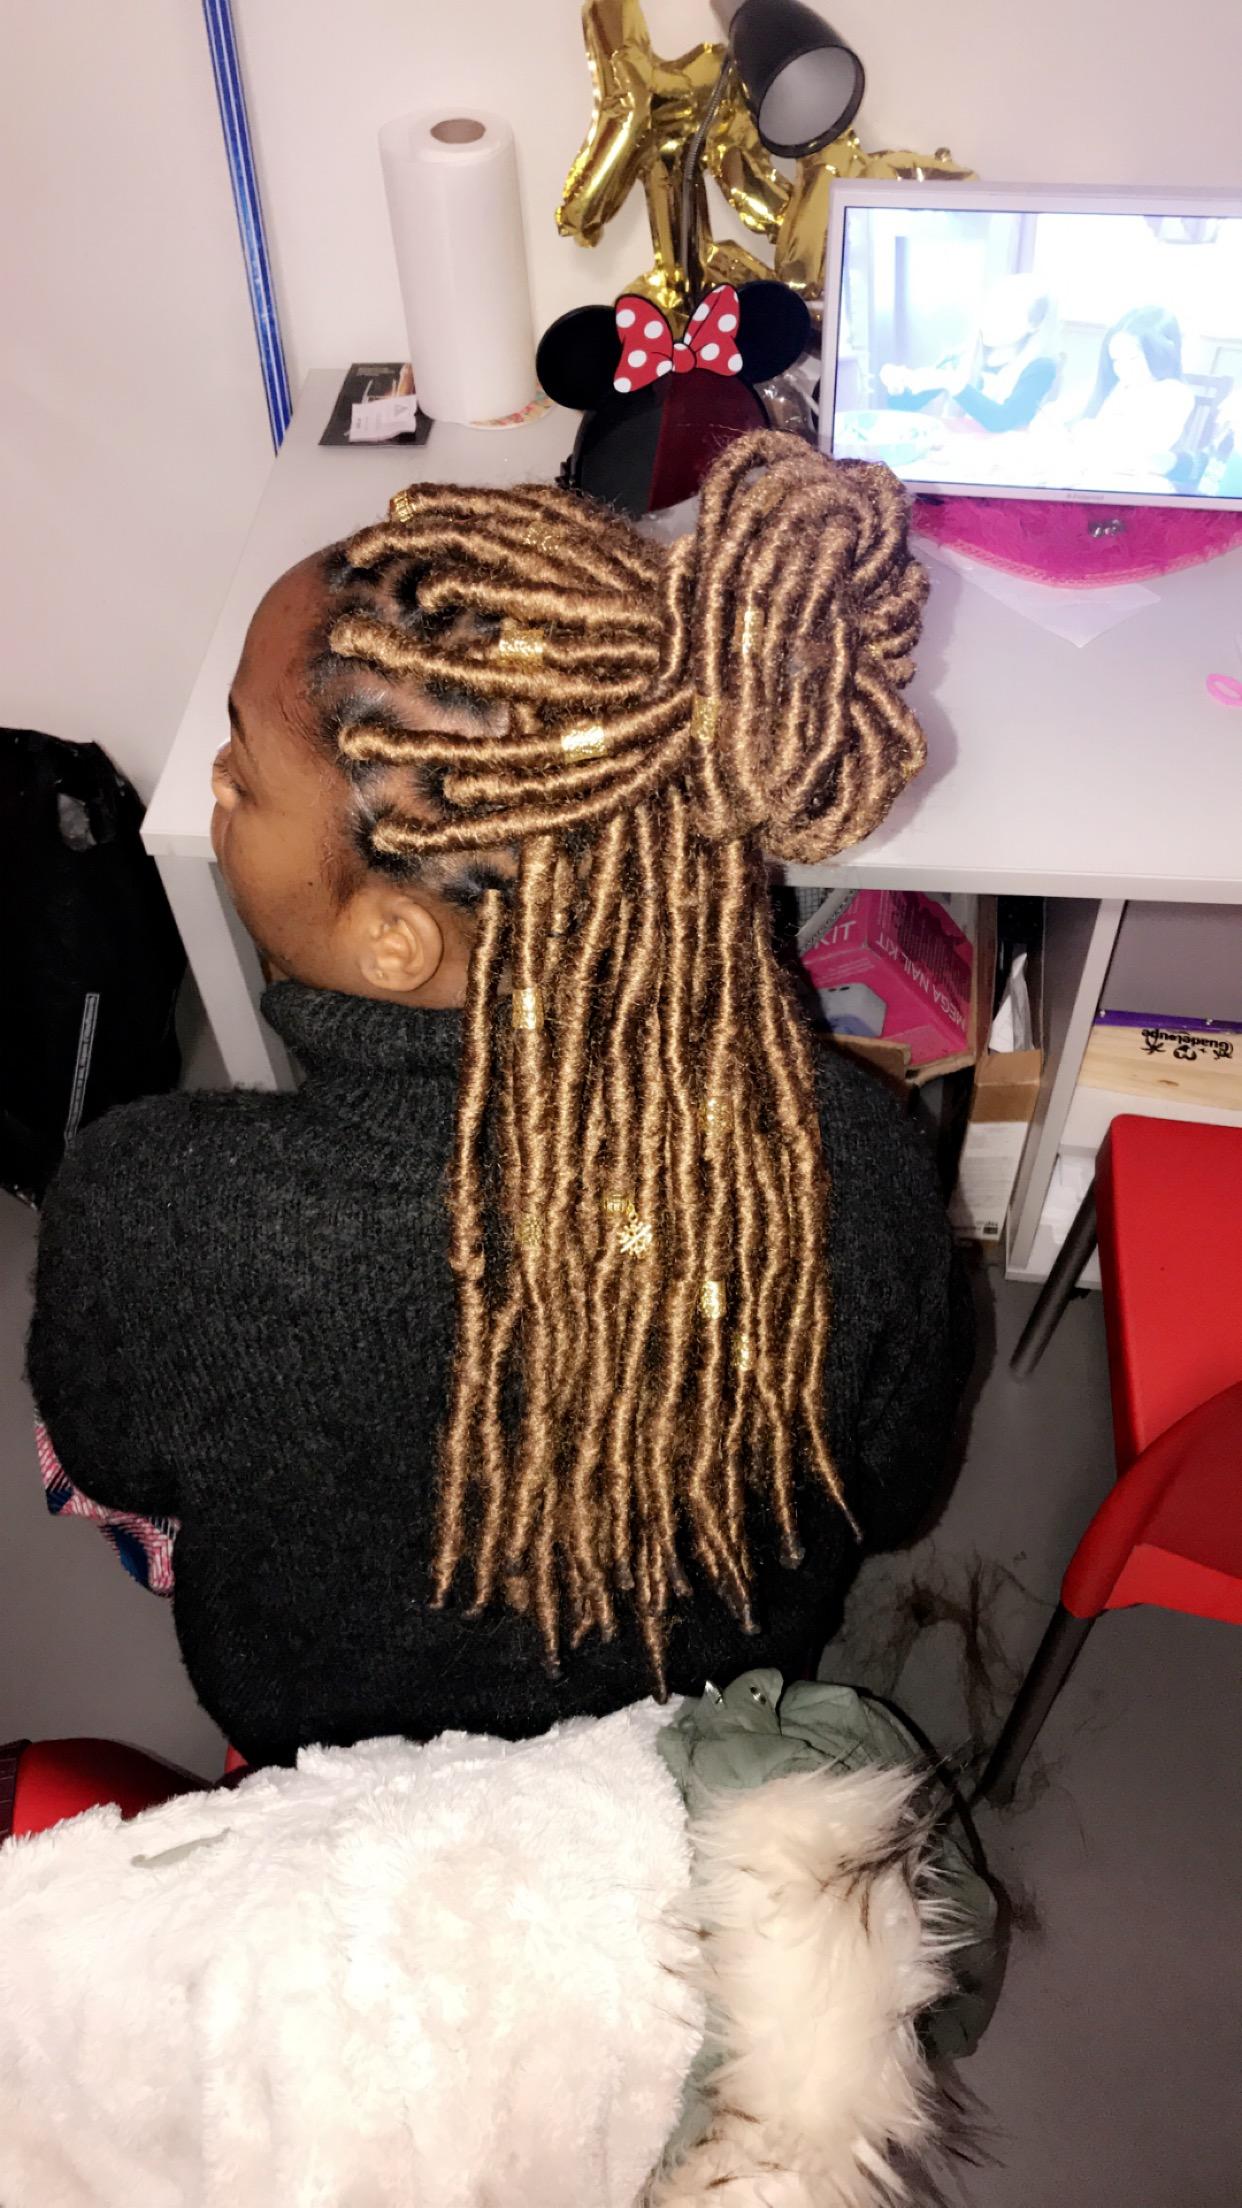 salon de coiffure afro tresse tresses box braids crochet braids vanilles tissages paris 75 77 78 91 92 93 94 95 XSUPQTBJ